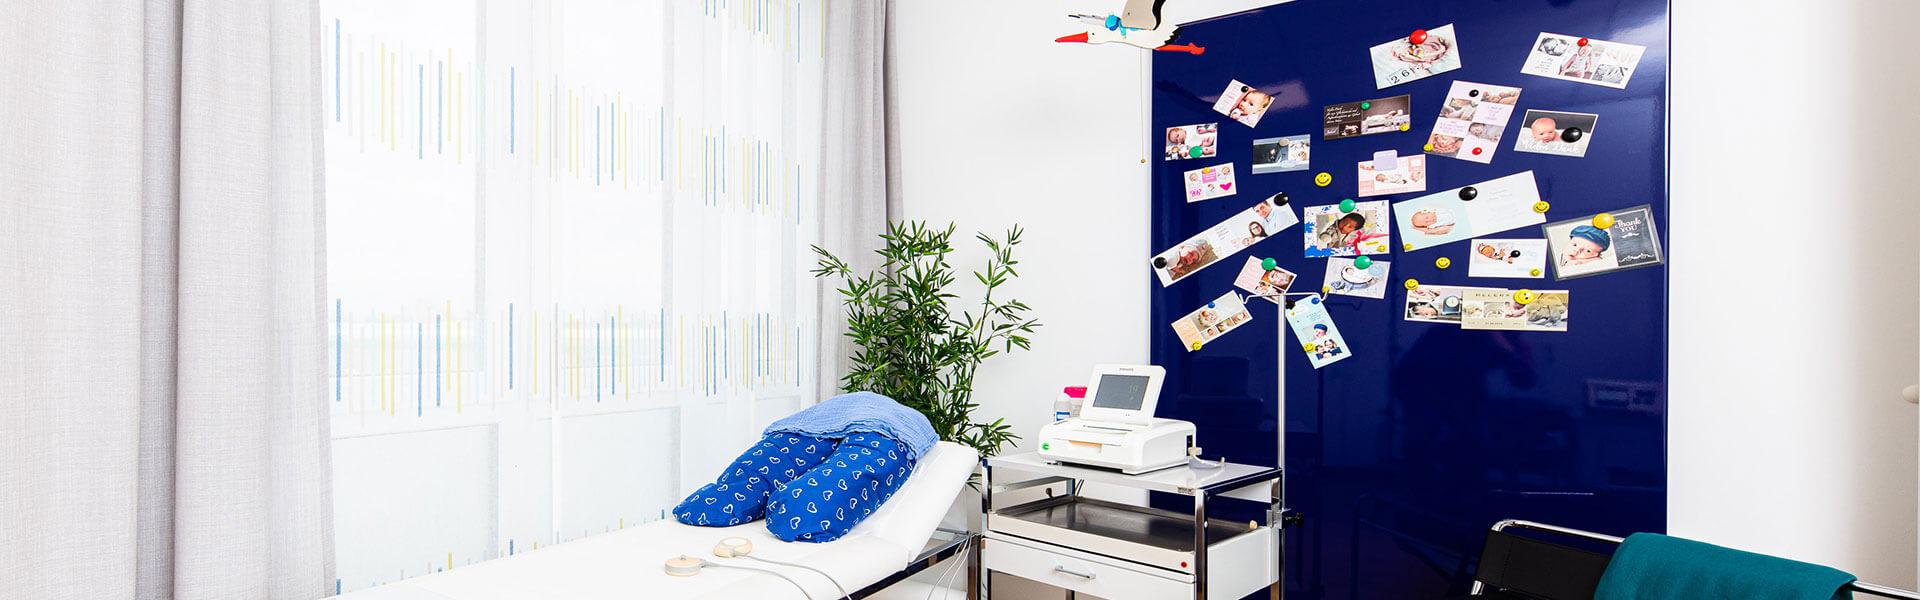 Neuigkeiten aus der Frauenarztpraxis in Straubing